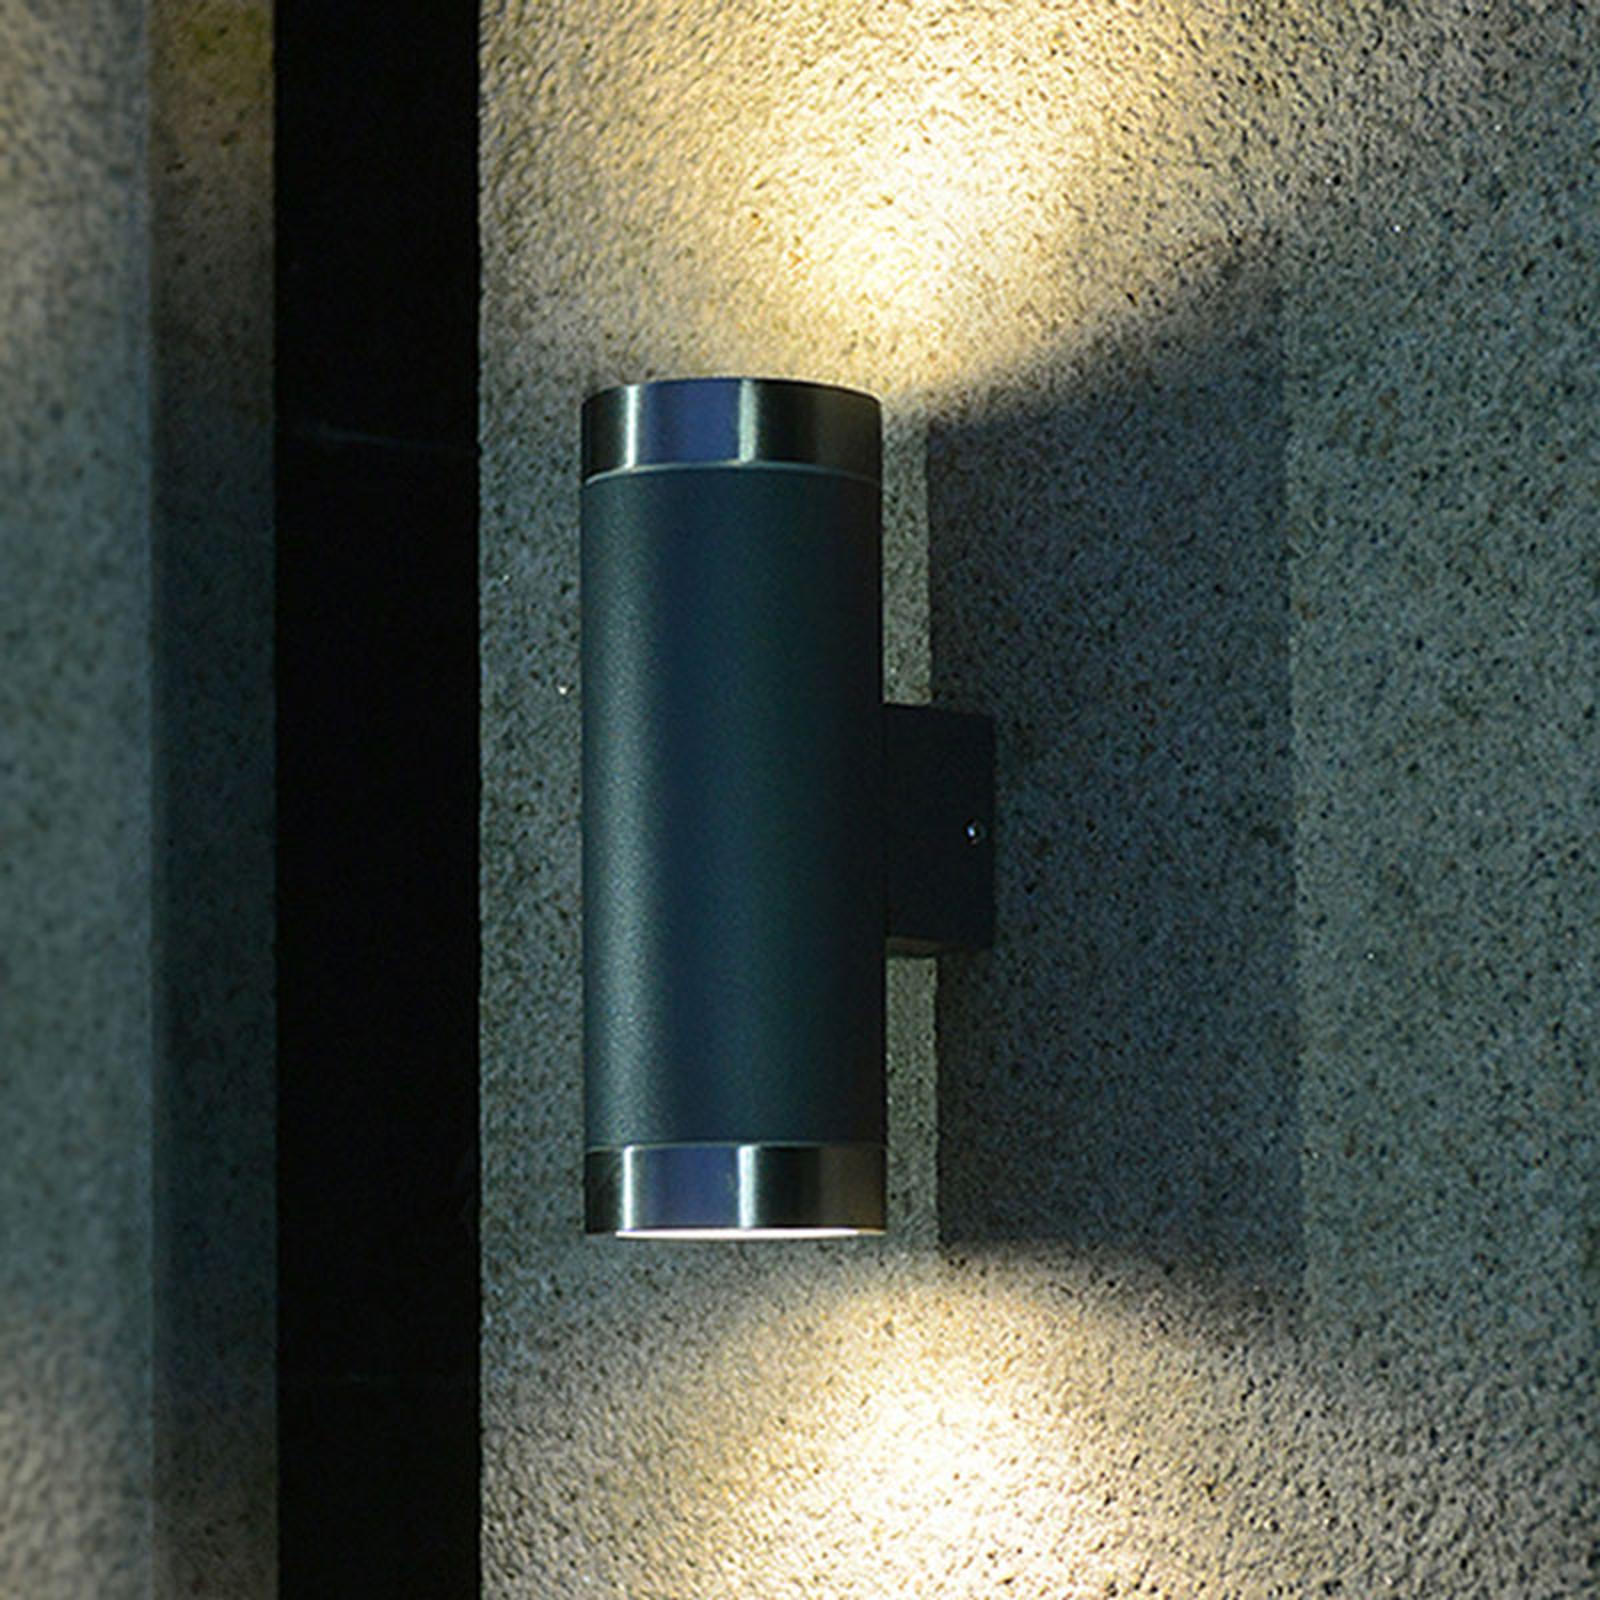 Buitenwandlamp 400157 Up/Down van roestvrijstaal